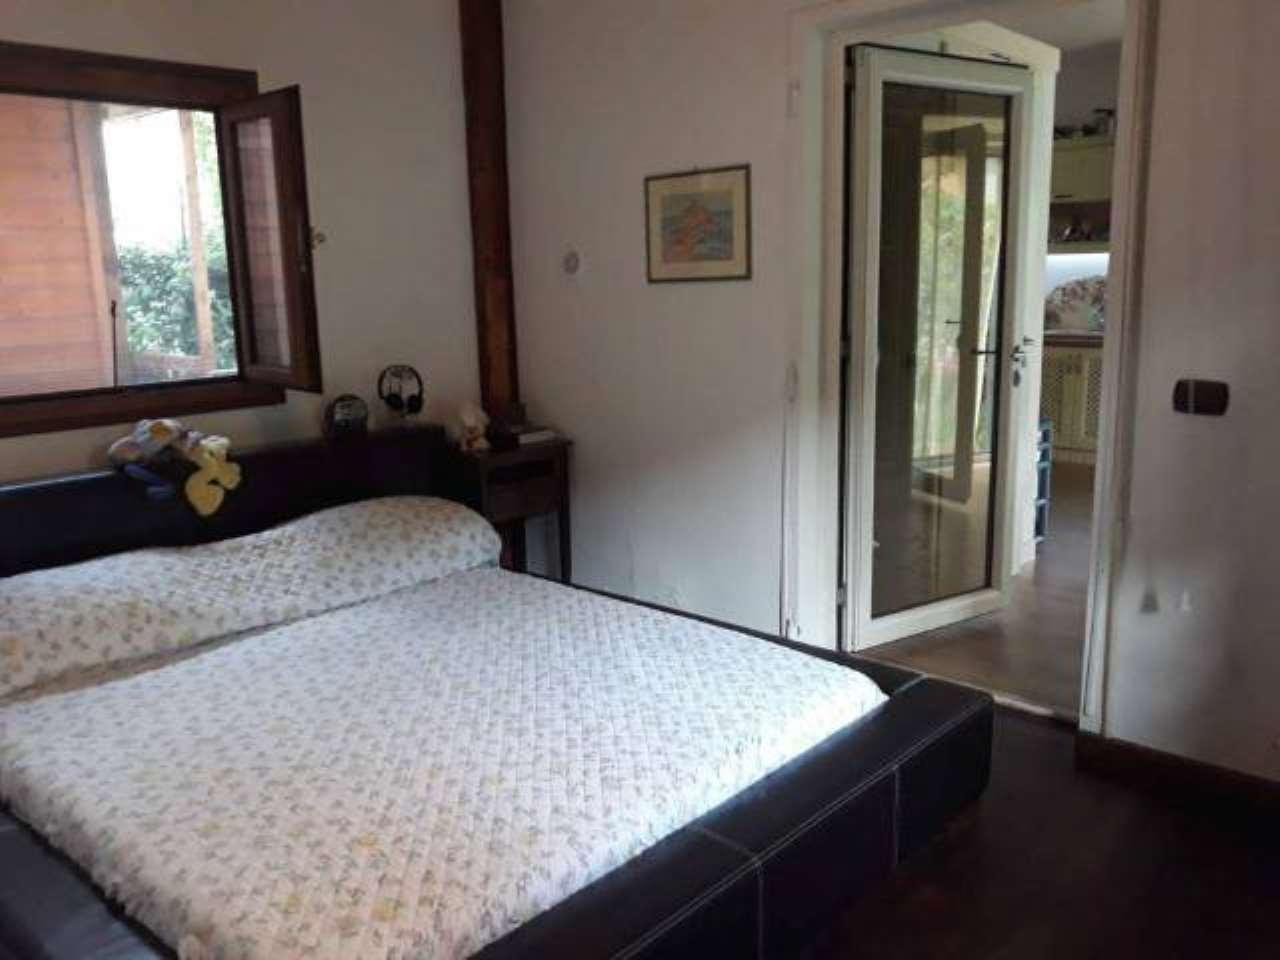 Villa in vendita a Pozzuoli, 2 locali, prezzo € 115.000   CambioCasa.it